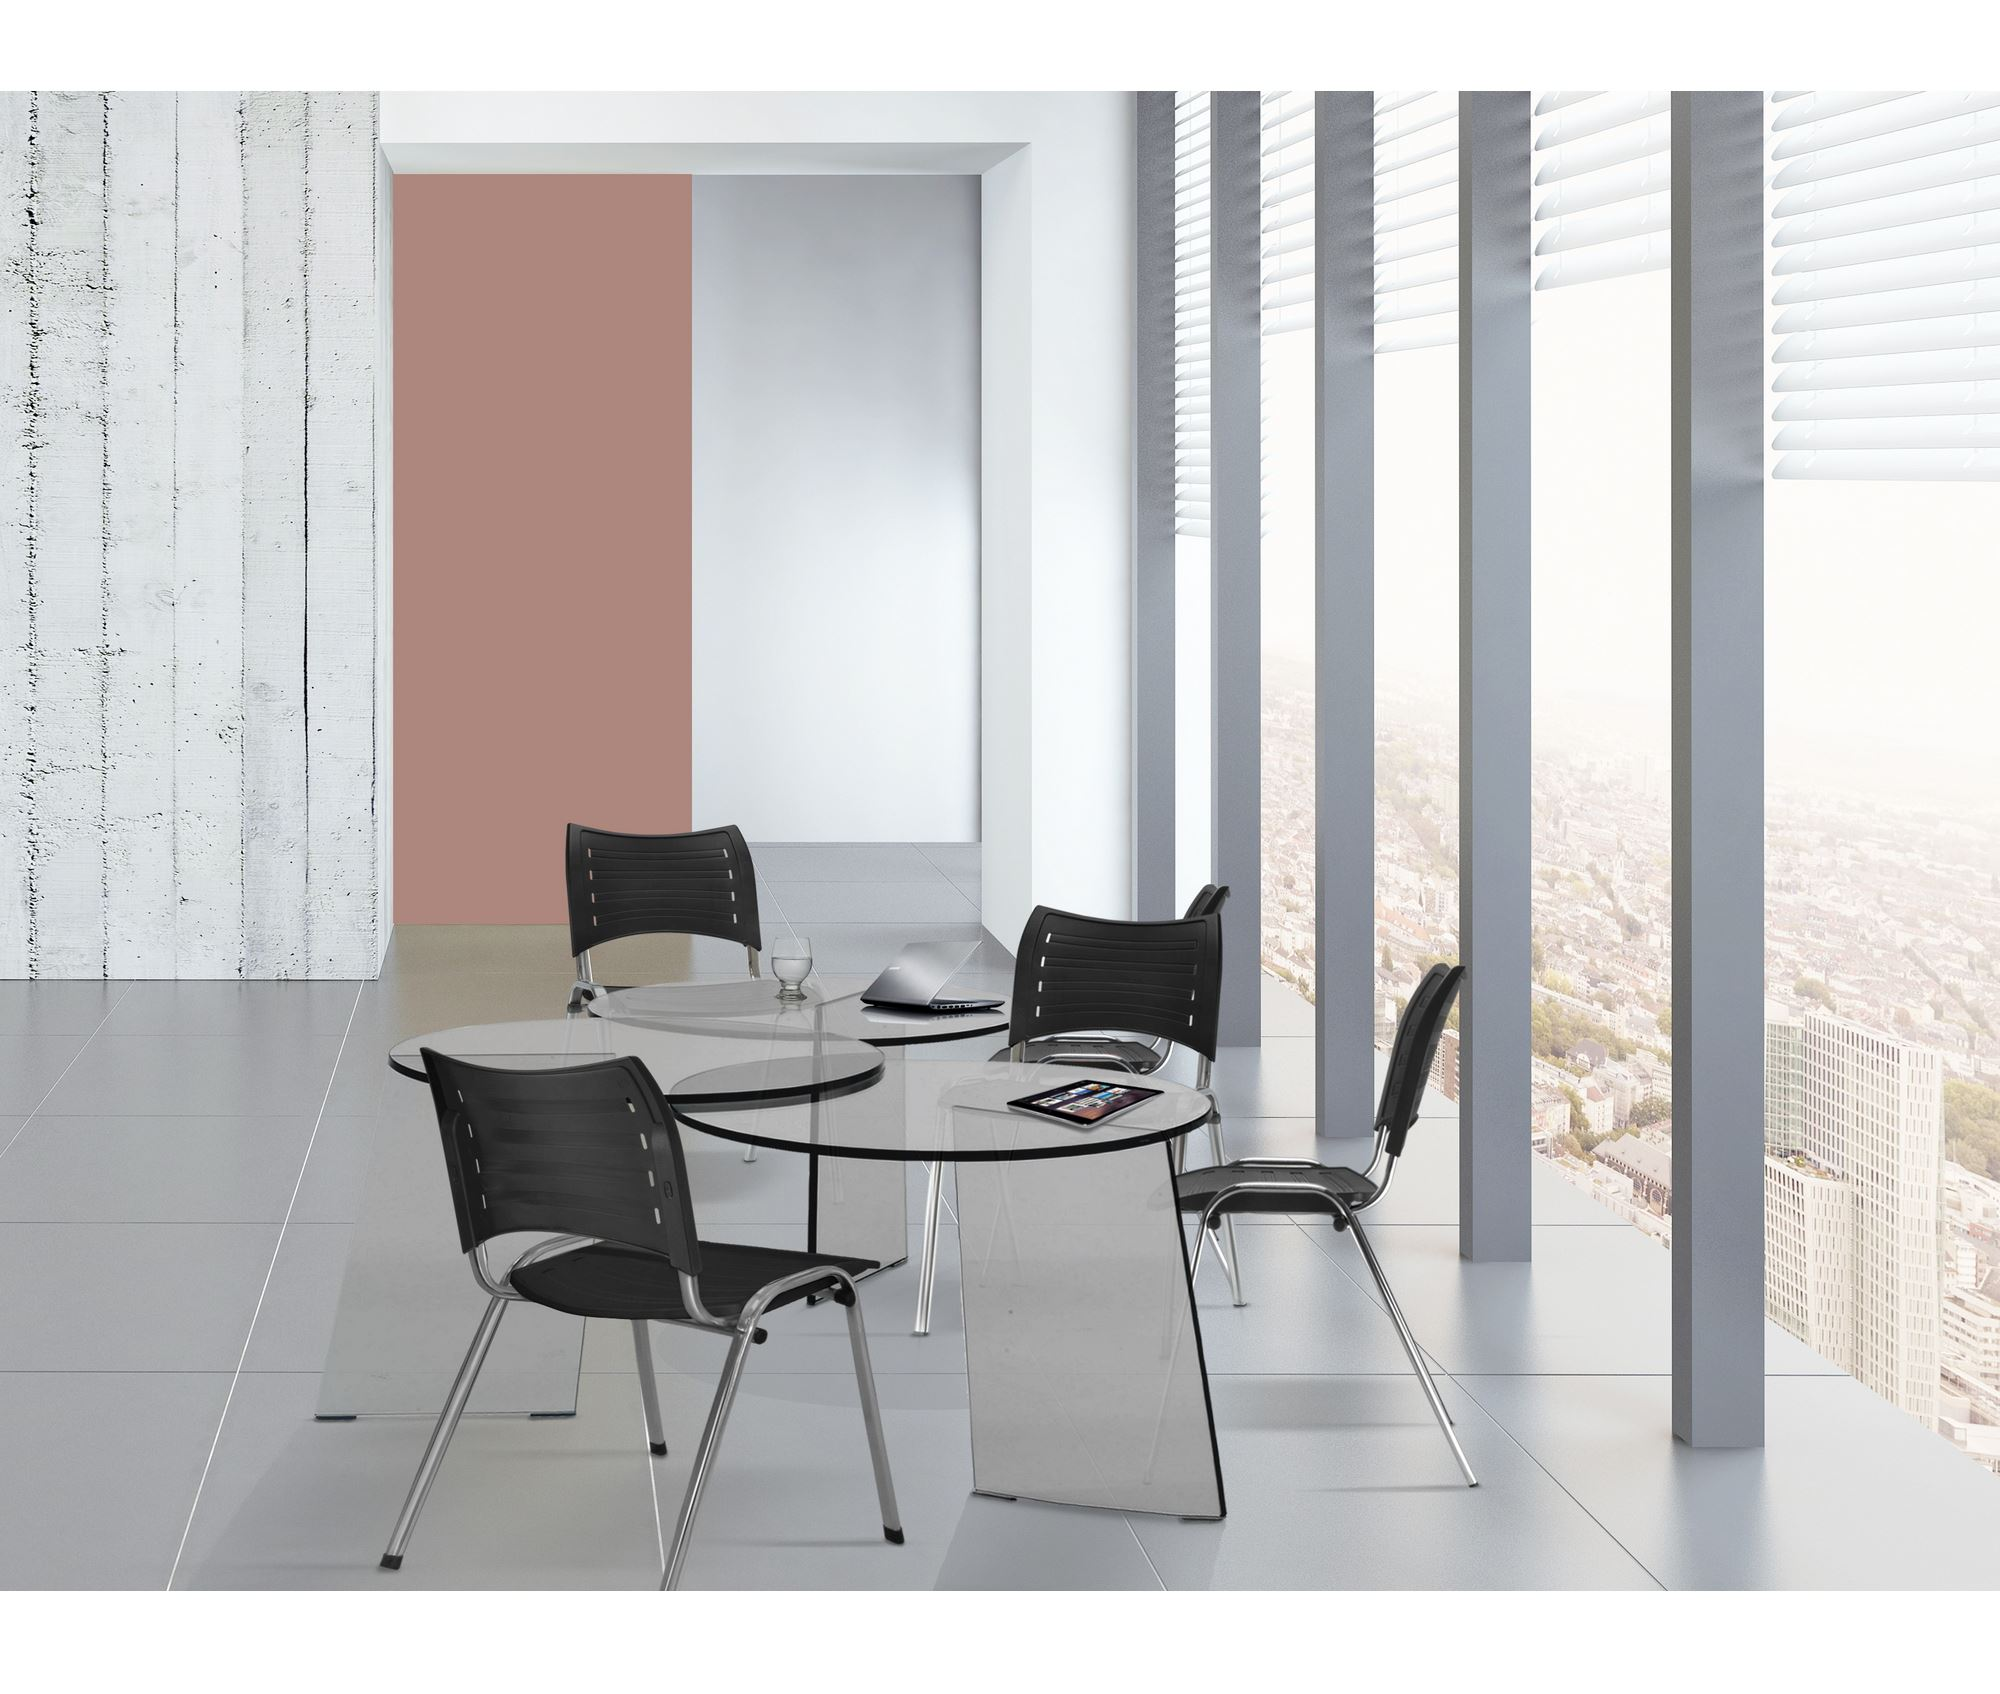 Kit 5 Cadeiras Iso Assento Branco Base Cromada - 57939